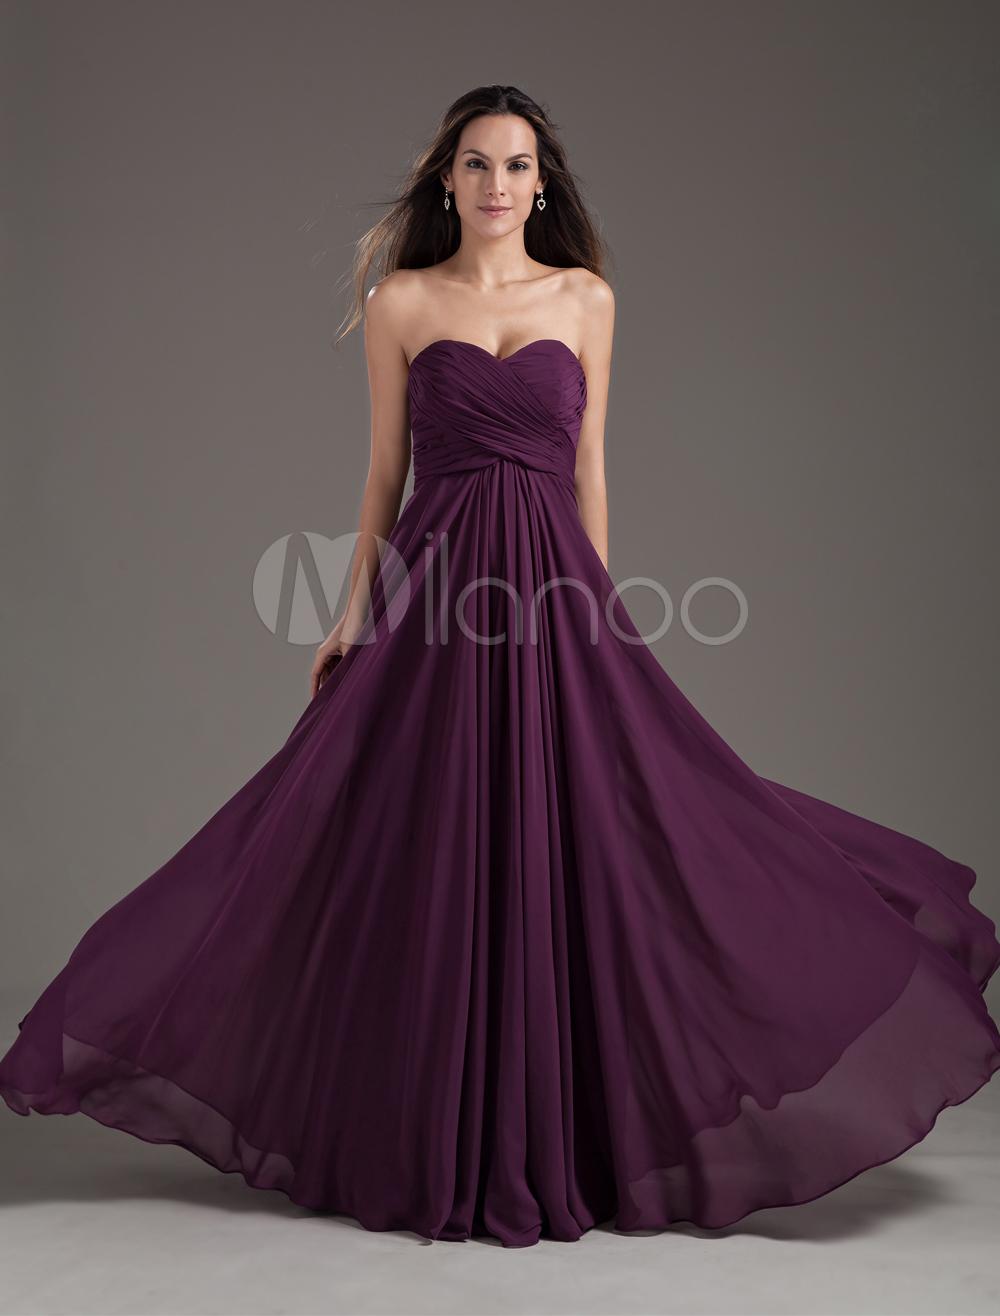 Robes sexy - Robe demoiselle d'honneur A-ligne en chiffon pourpre croisé lacets de dentelle